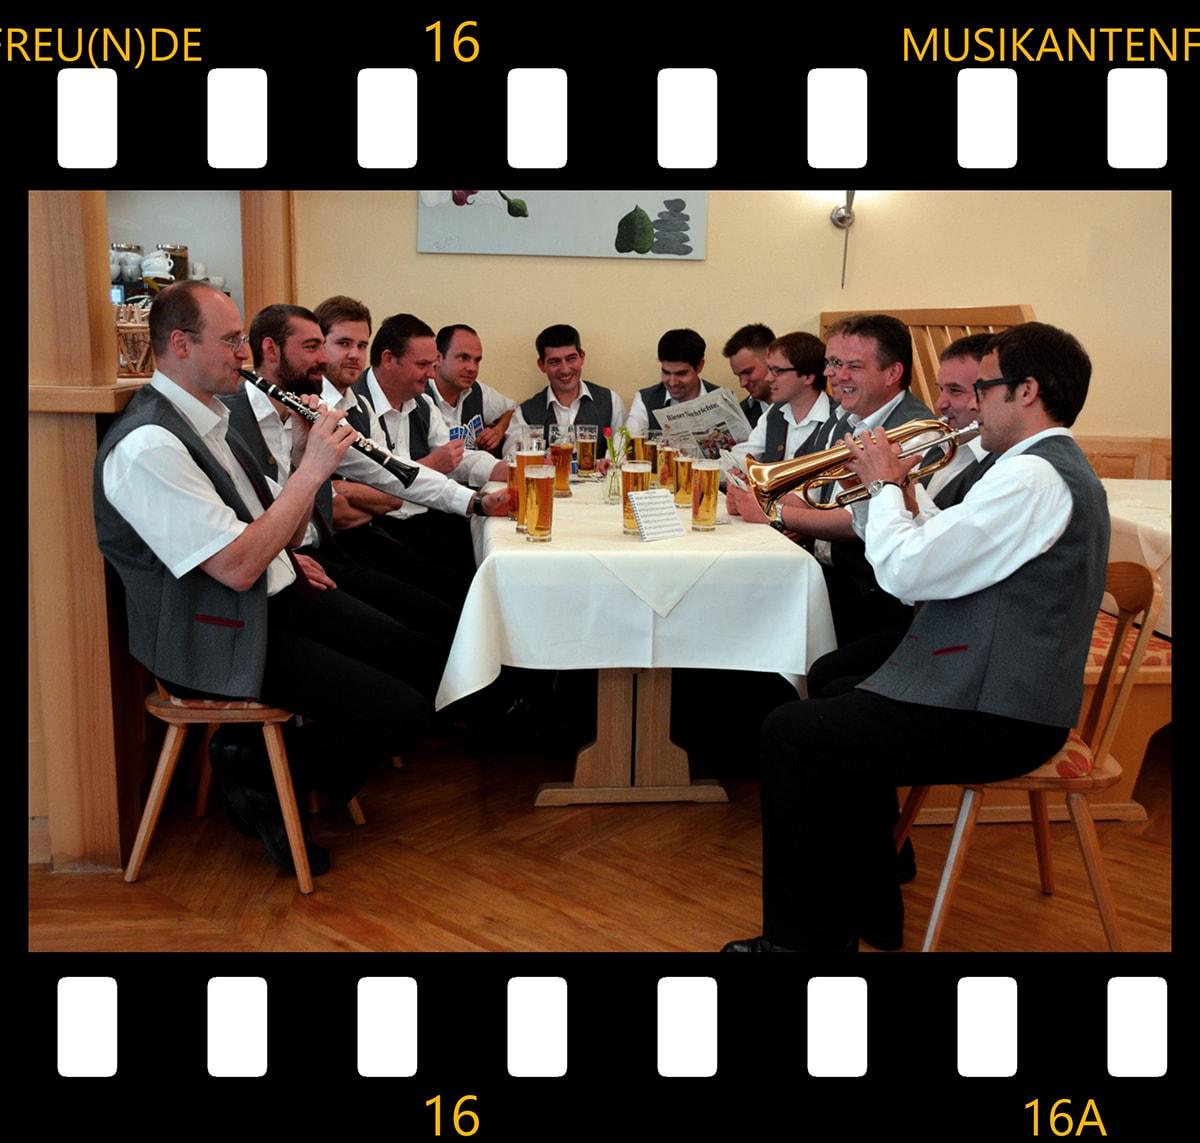 musikantenfreunde_web_01-min